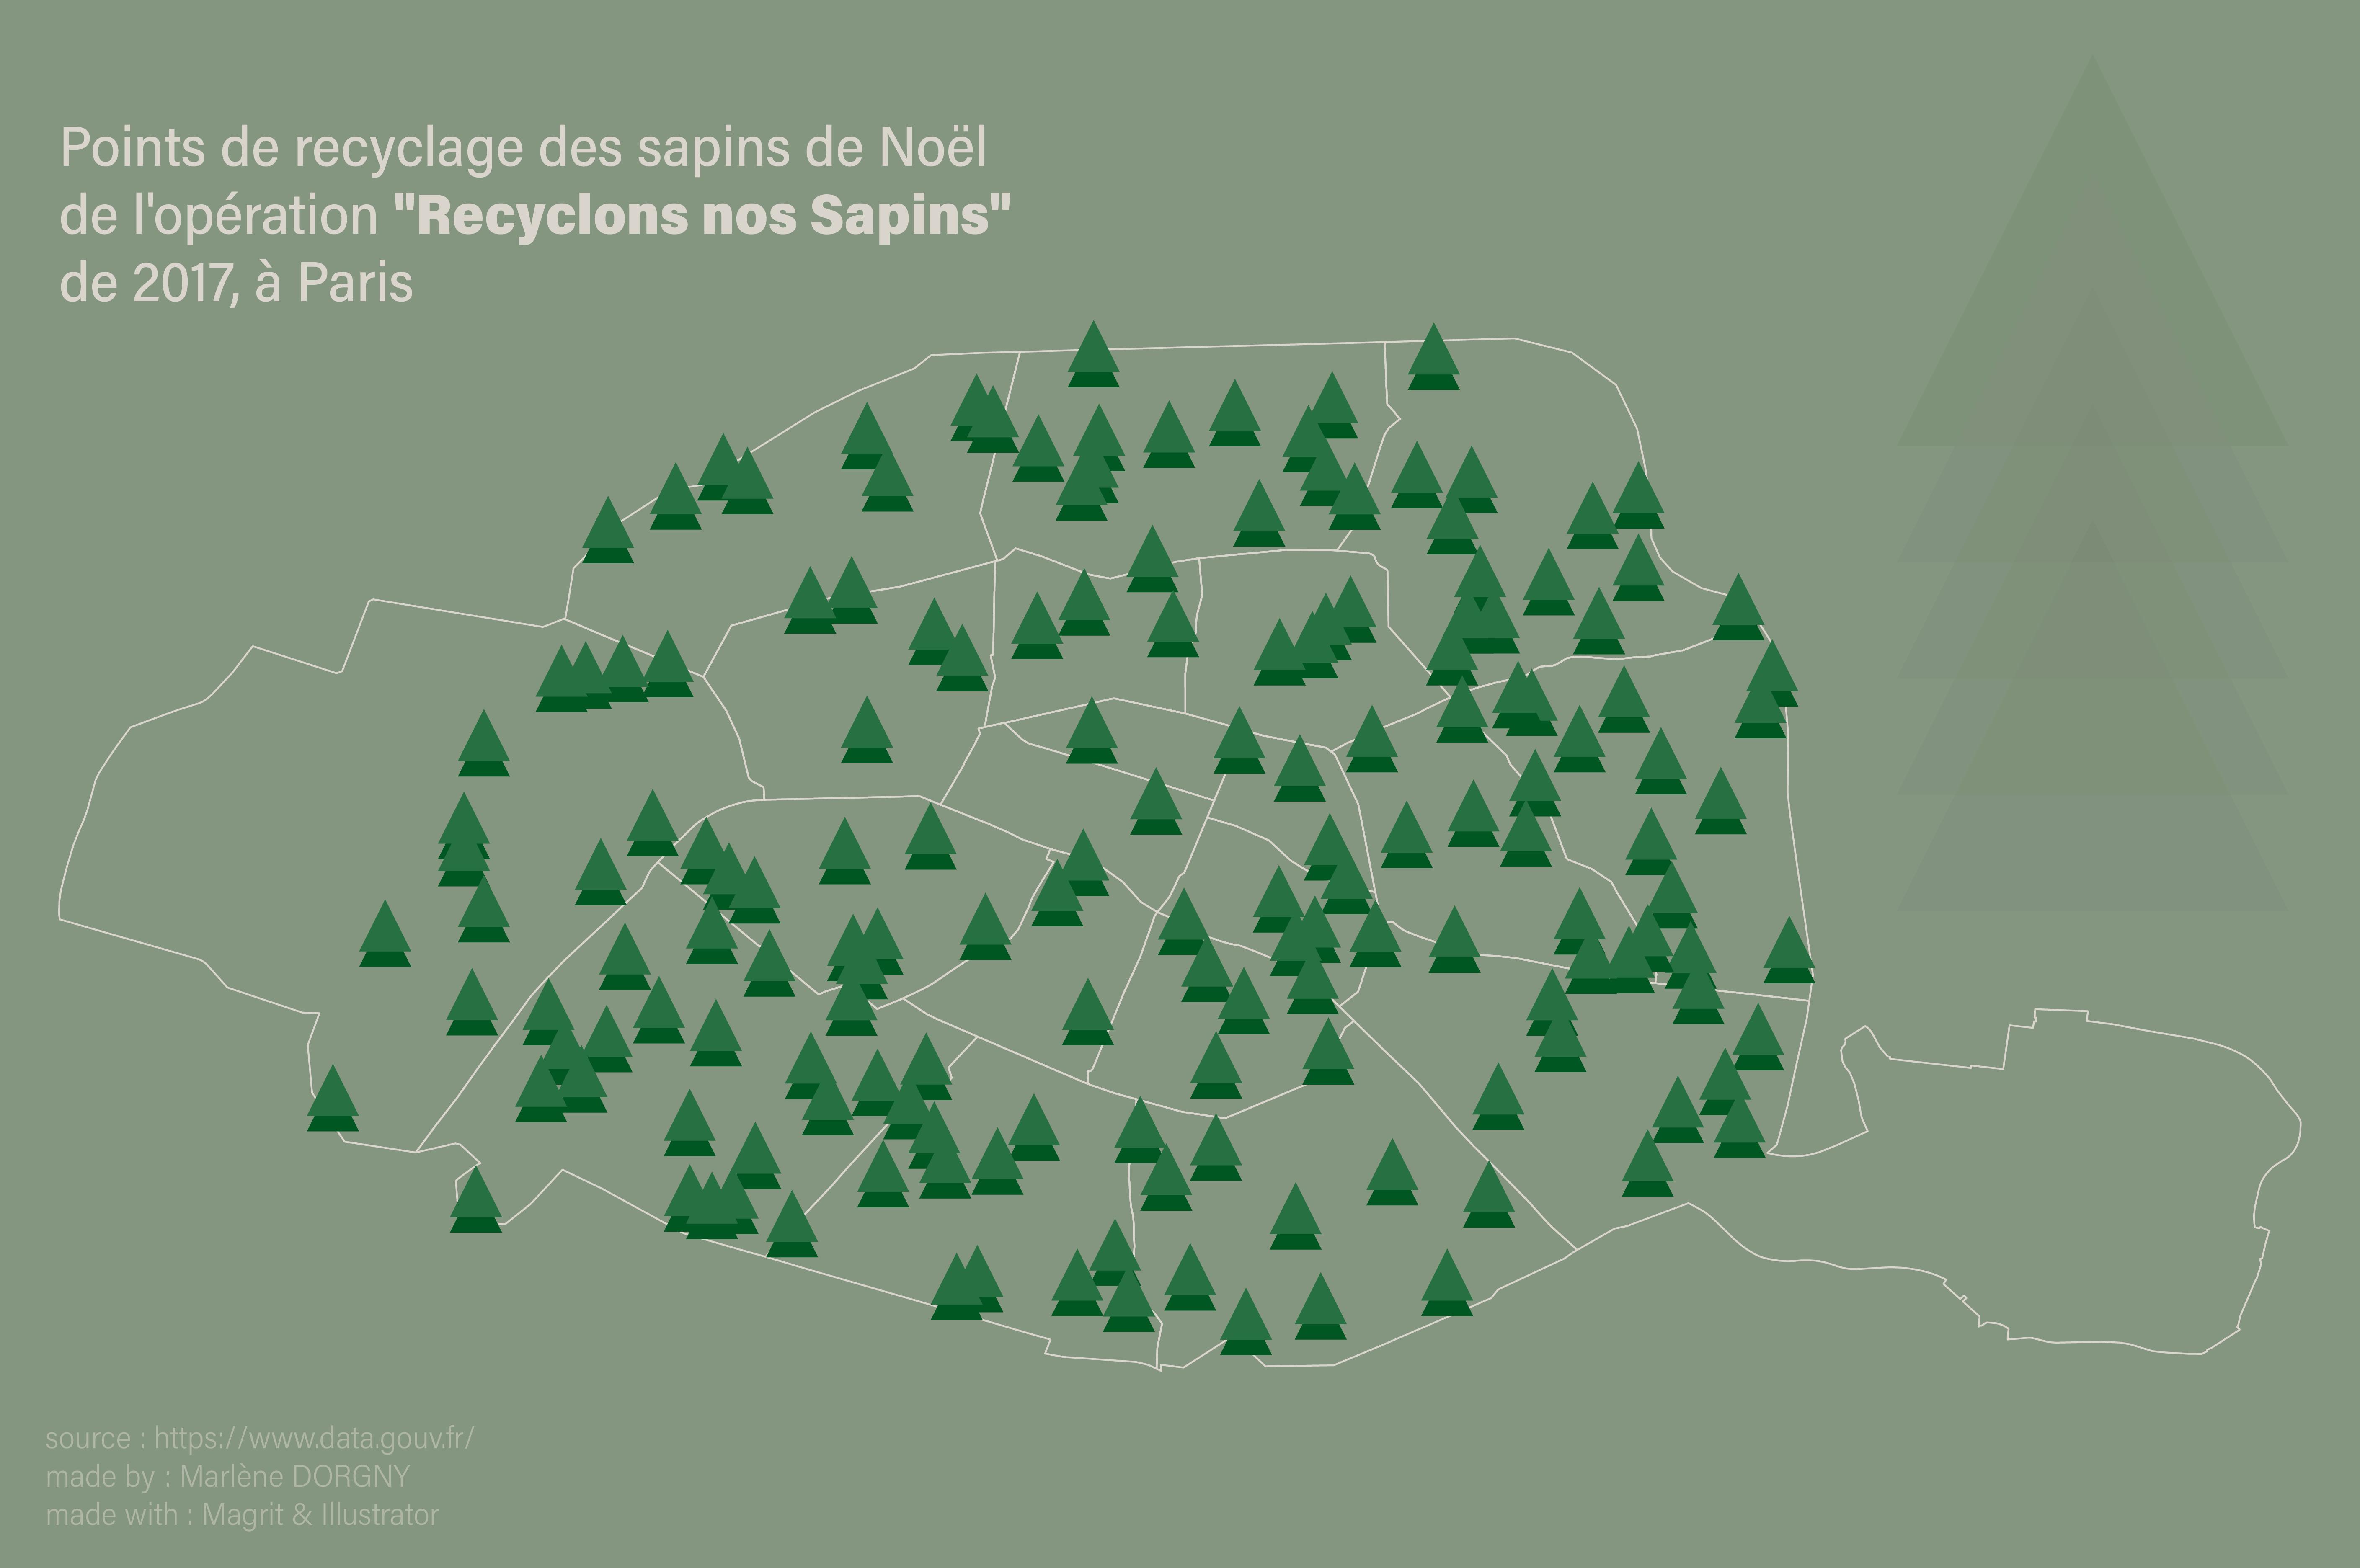 """Cartographie des points de collecte de l'opération """"recyclons nos sapins"""" à Paris en 2017"""